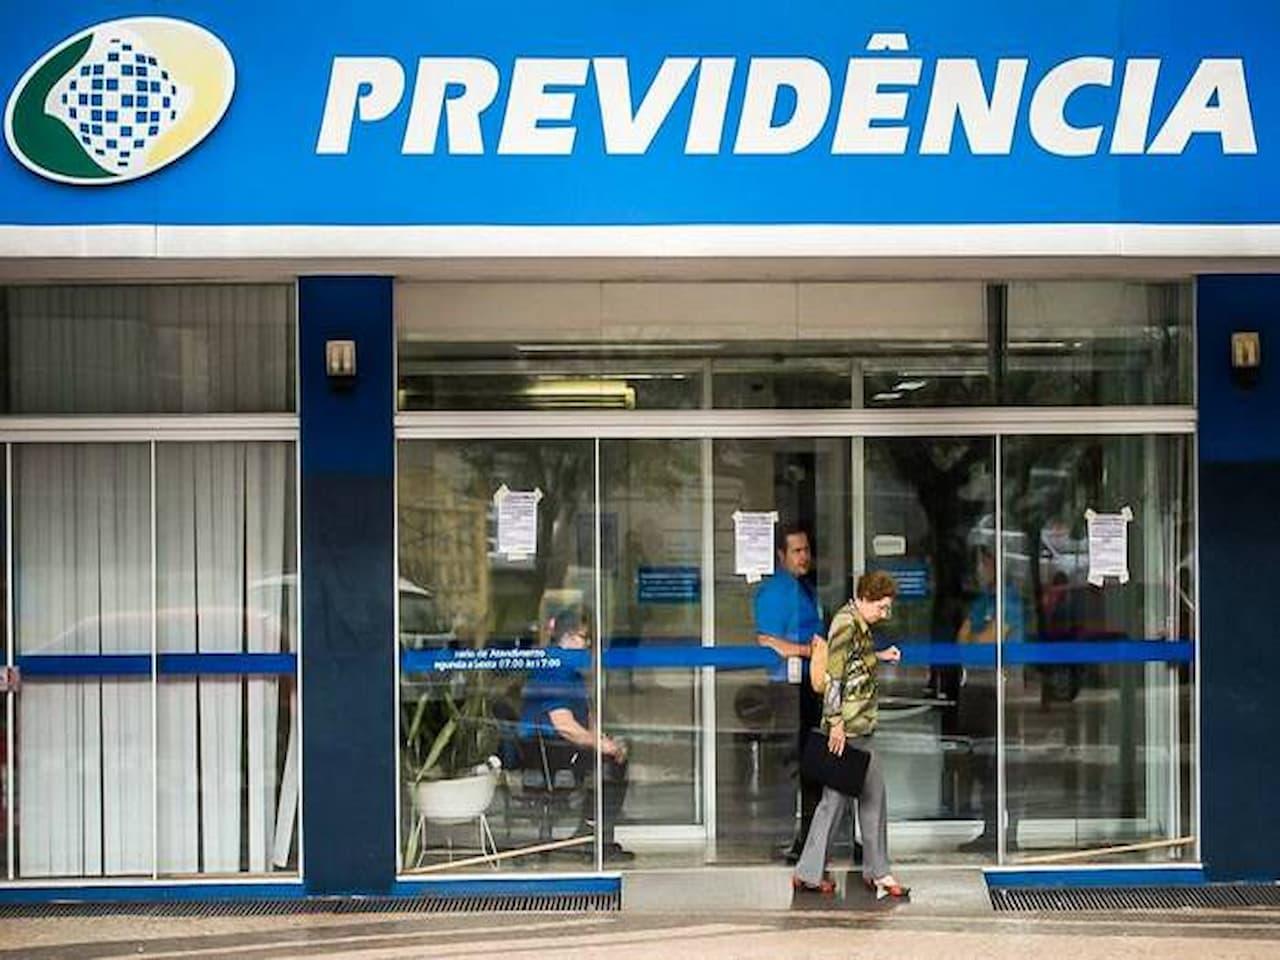 fachada de agência da Caixa representando serviço de atendimento telefônico da Caixa